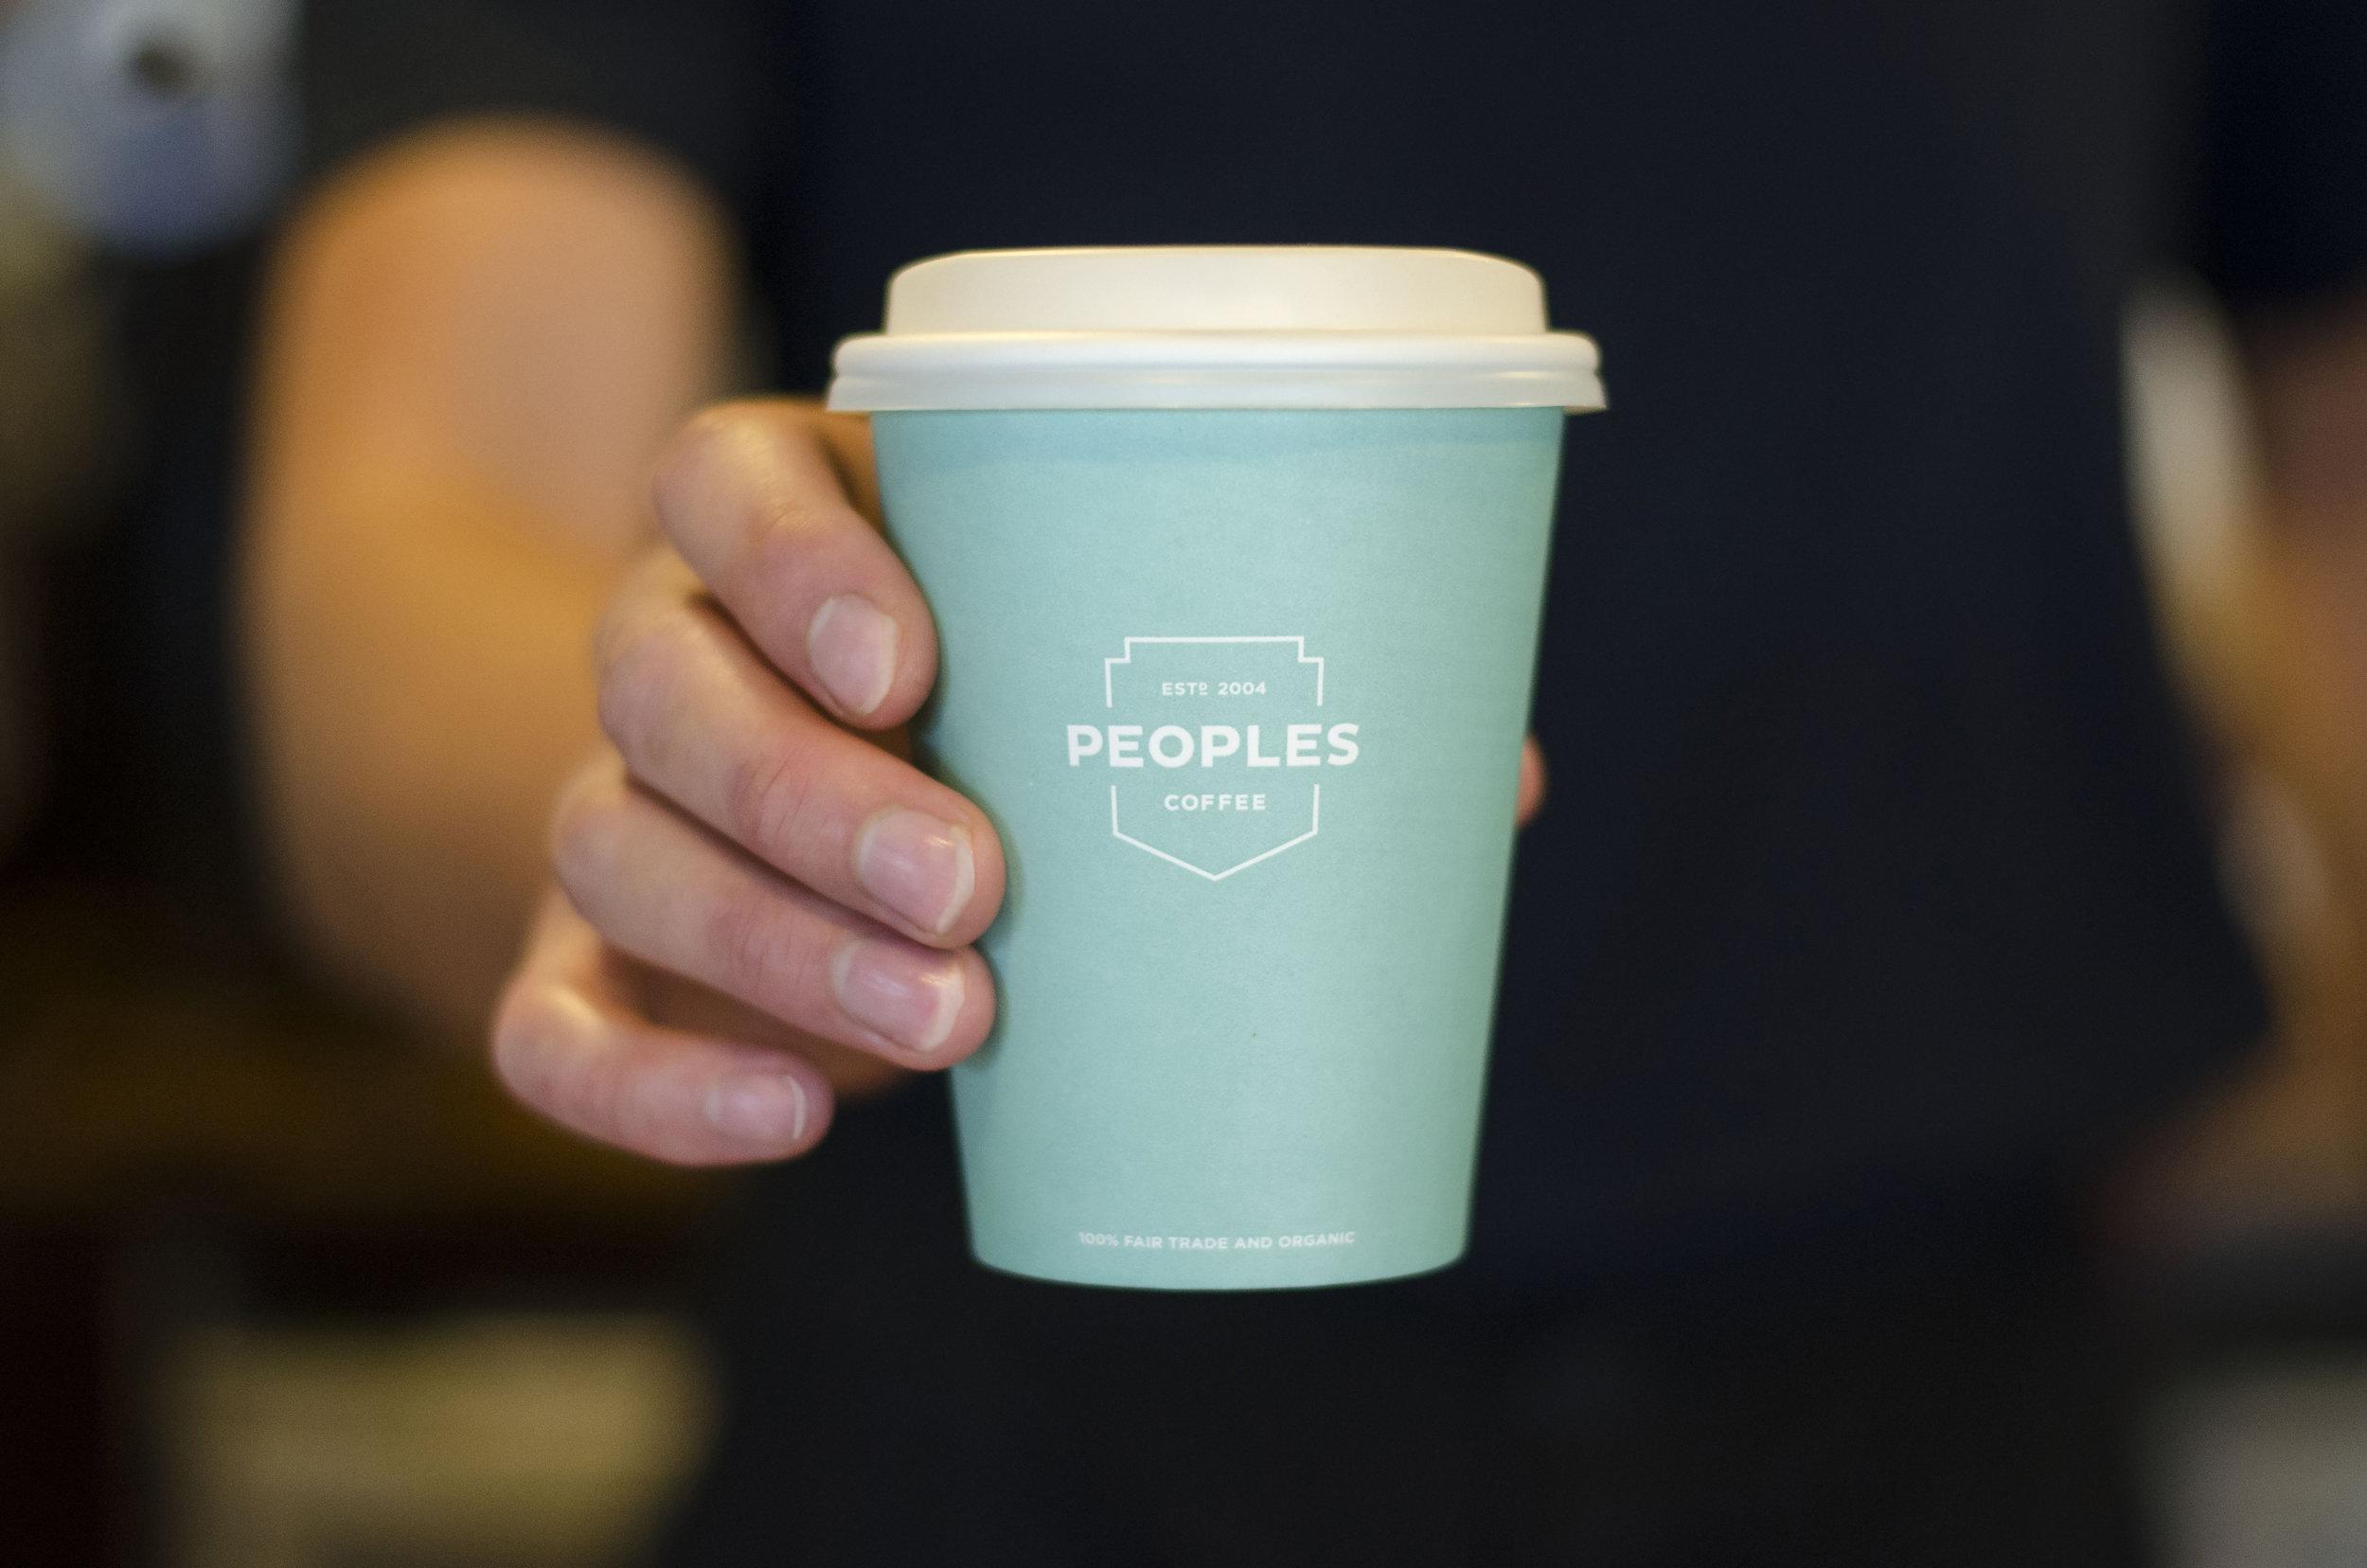 Peoples Coffee Cup.jpg